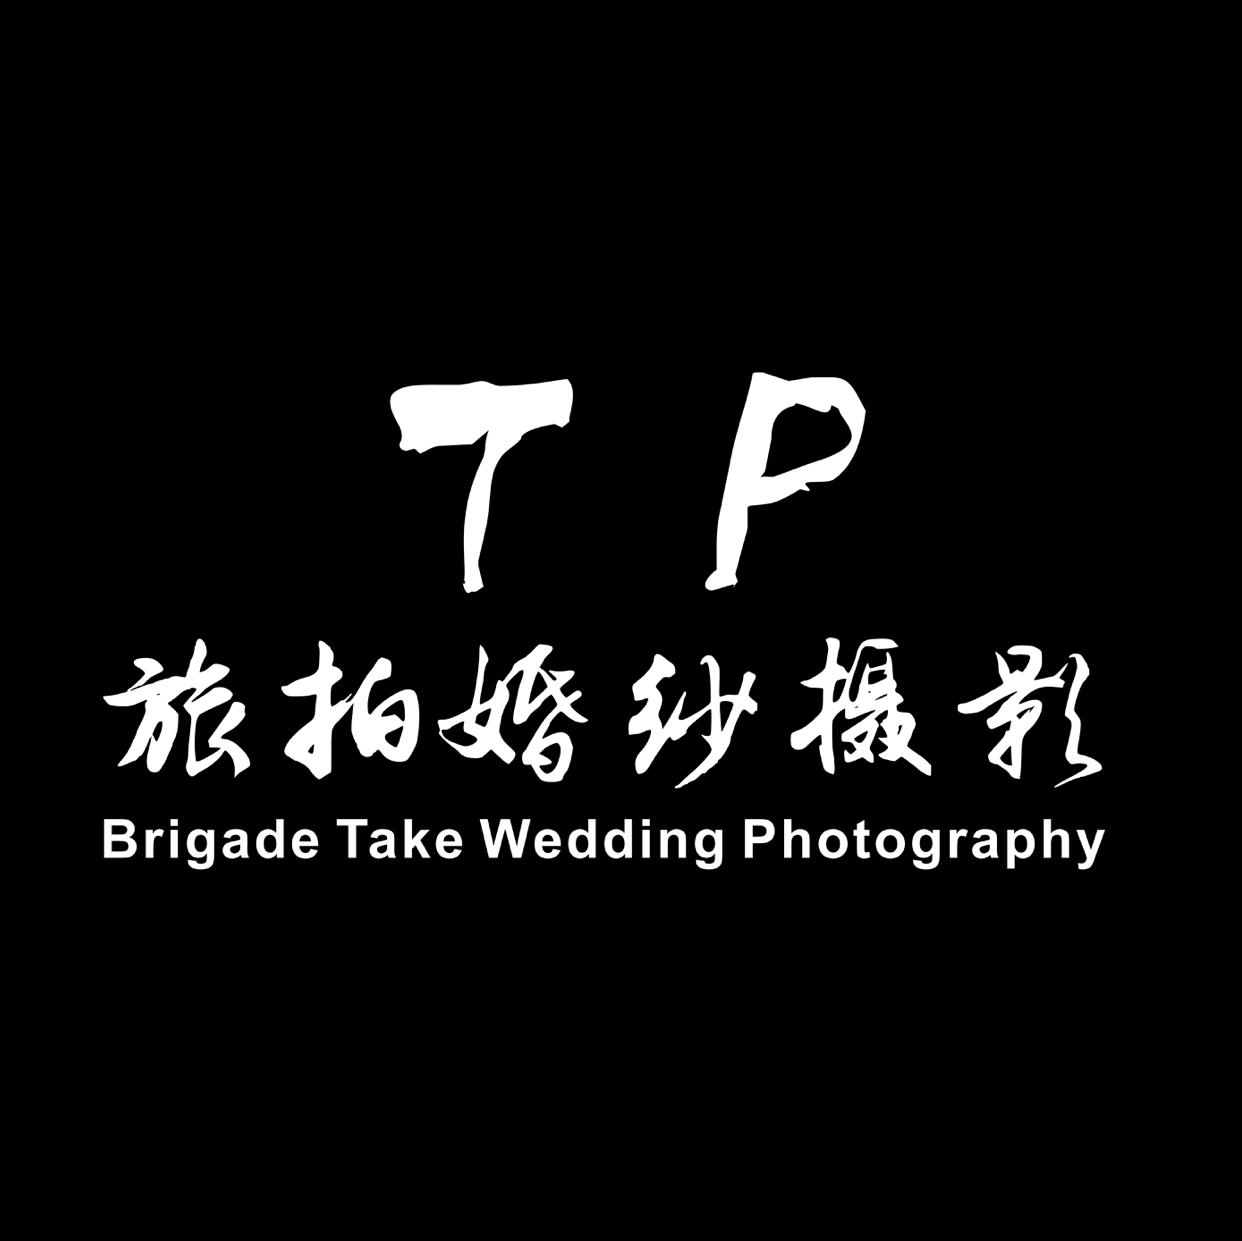 TP旅拍婚纱摄影